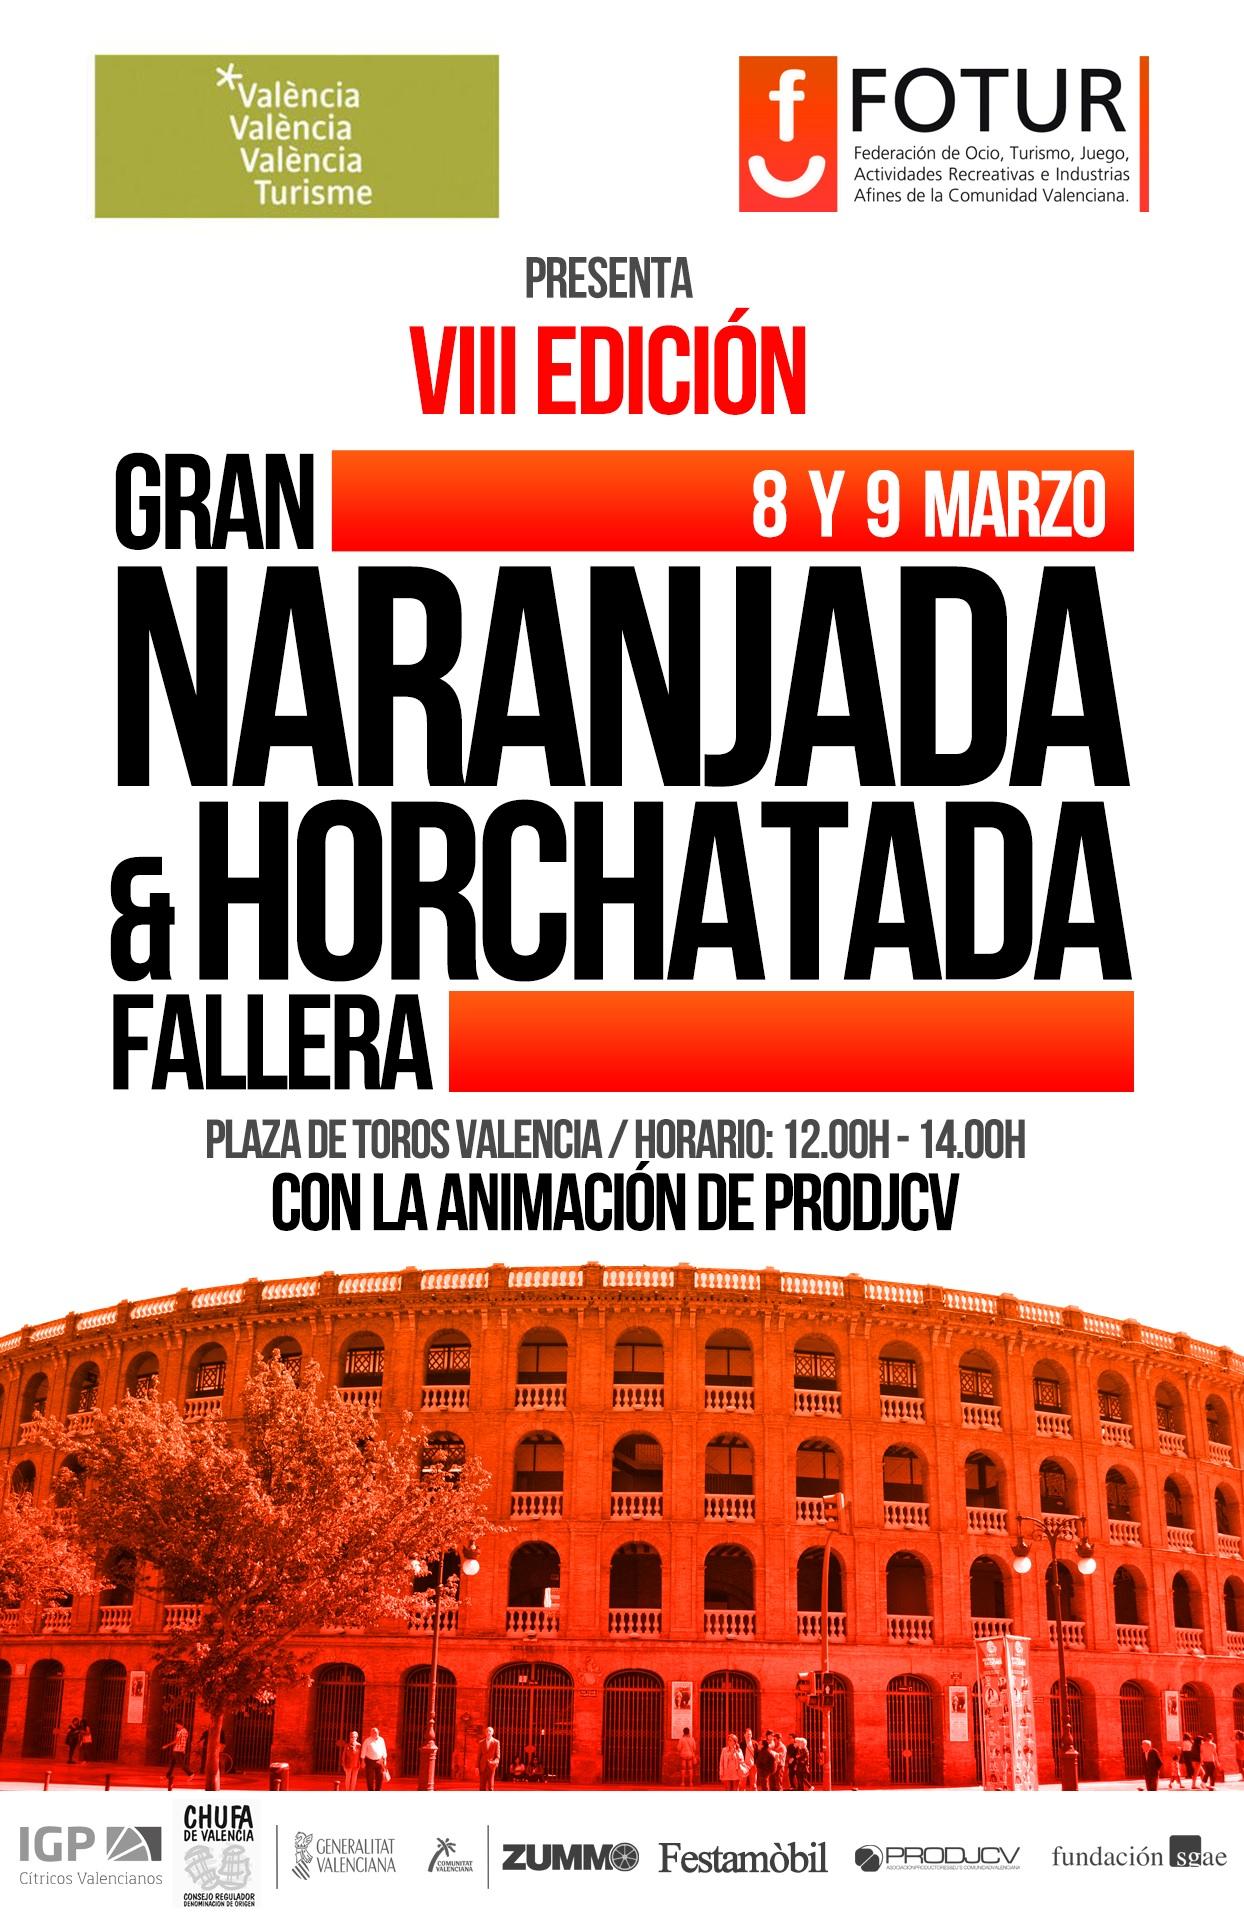 VIII Edición Horchatada y Naranjada